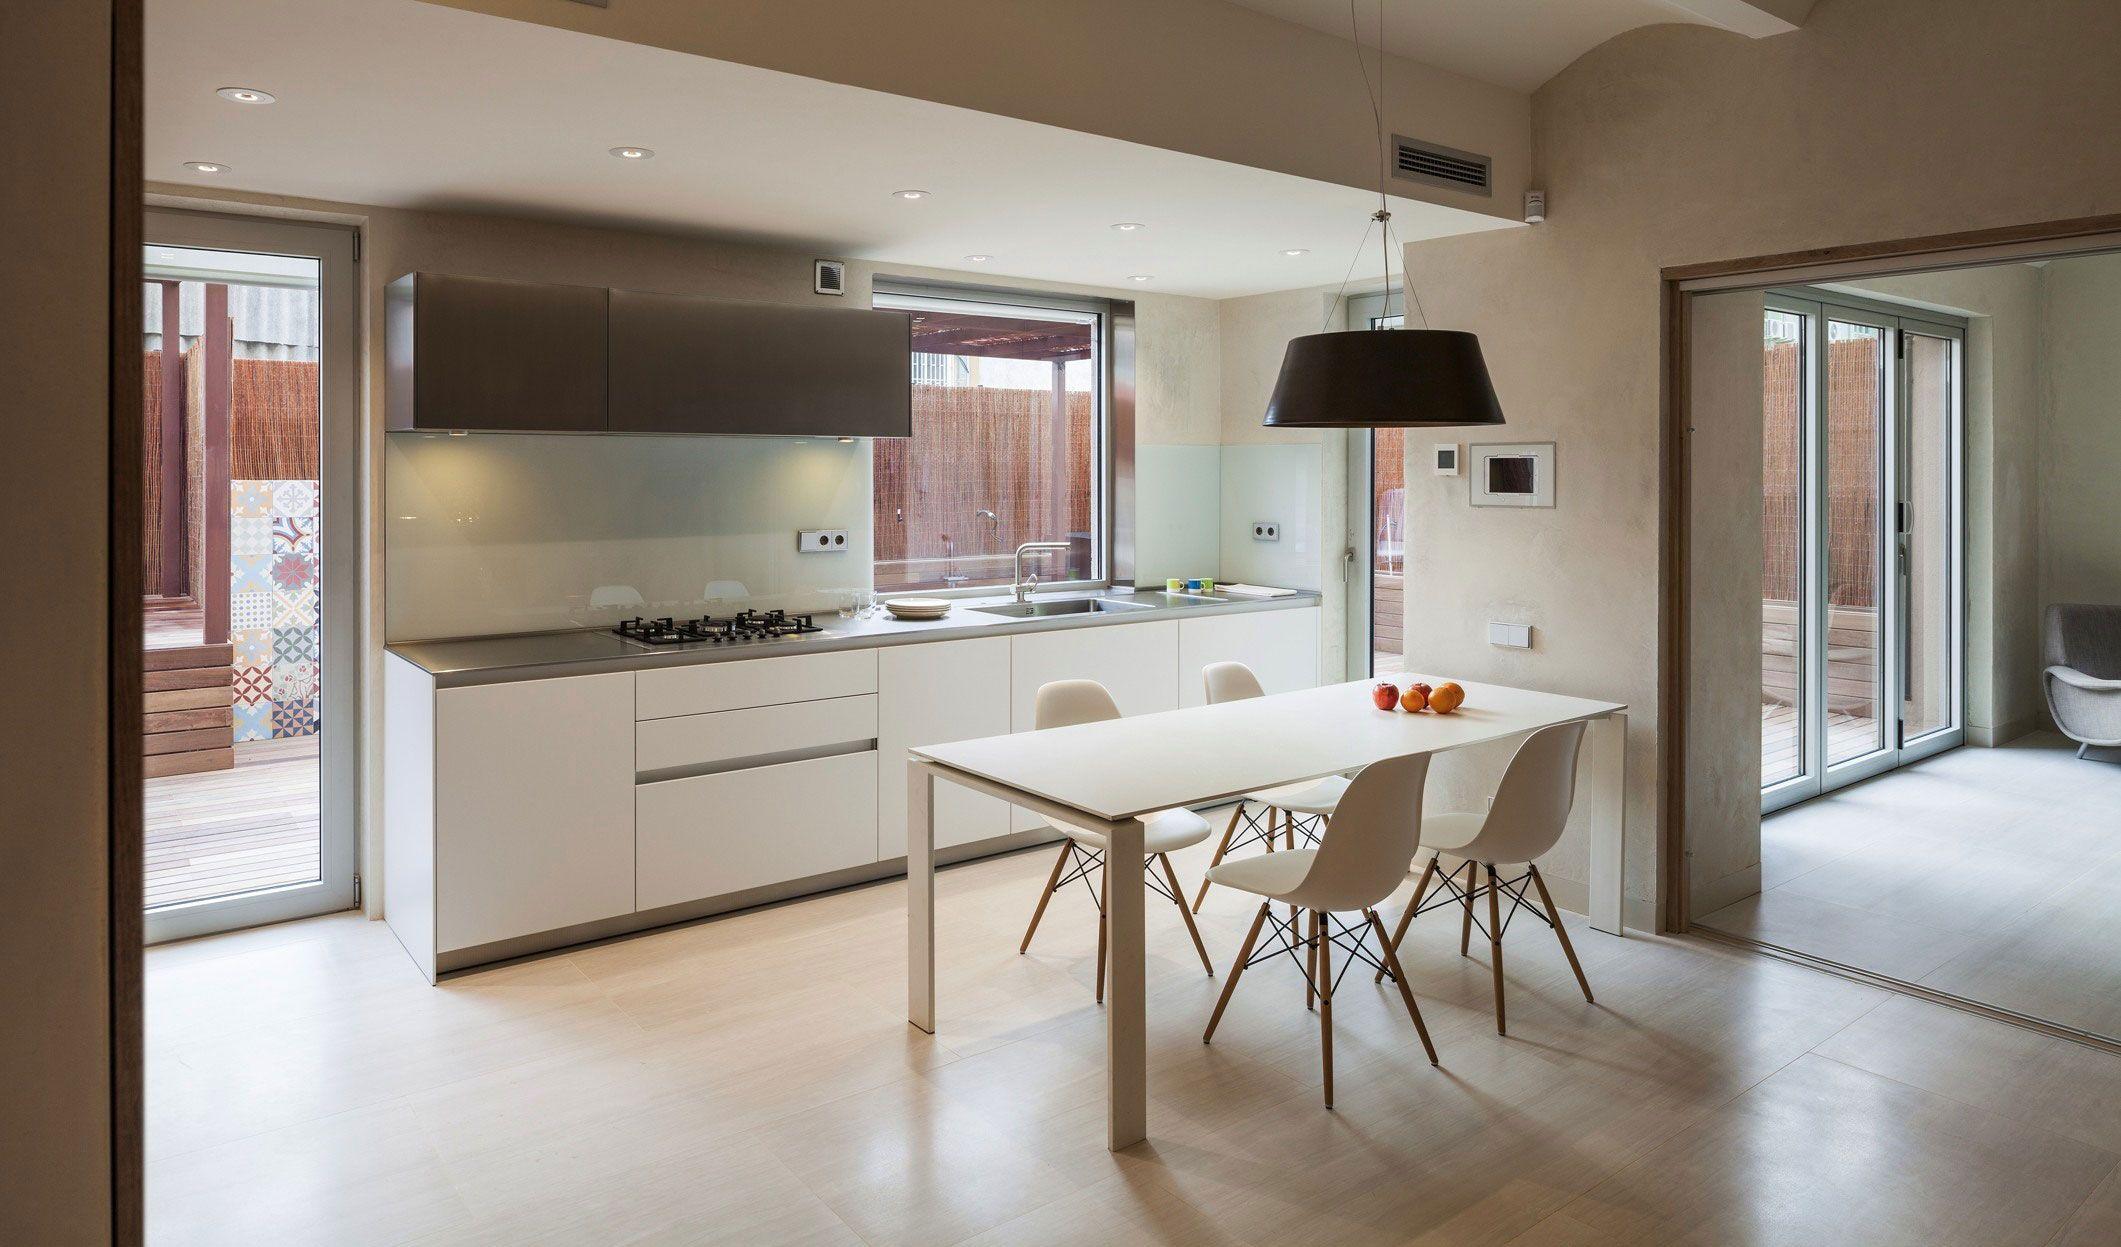 Ideen für die küche duplex in gracia by zest architecture   wohnen  pinterest  wohnen